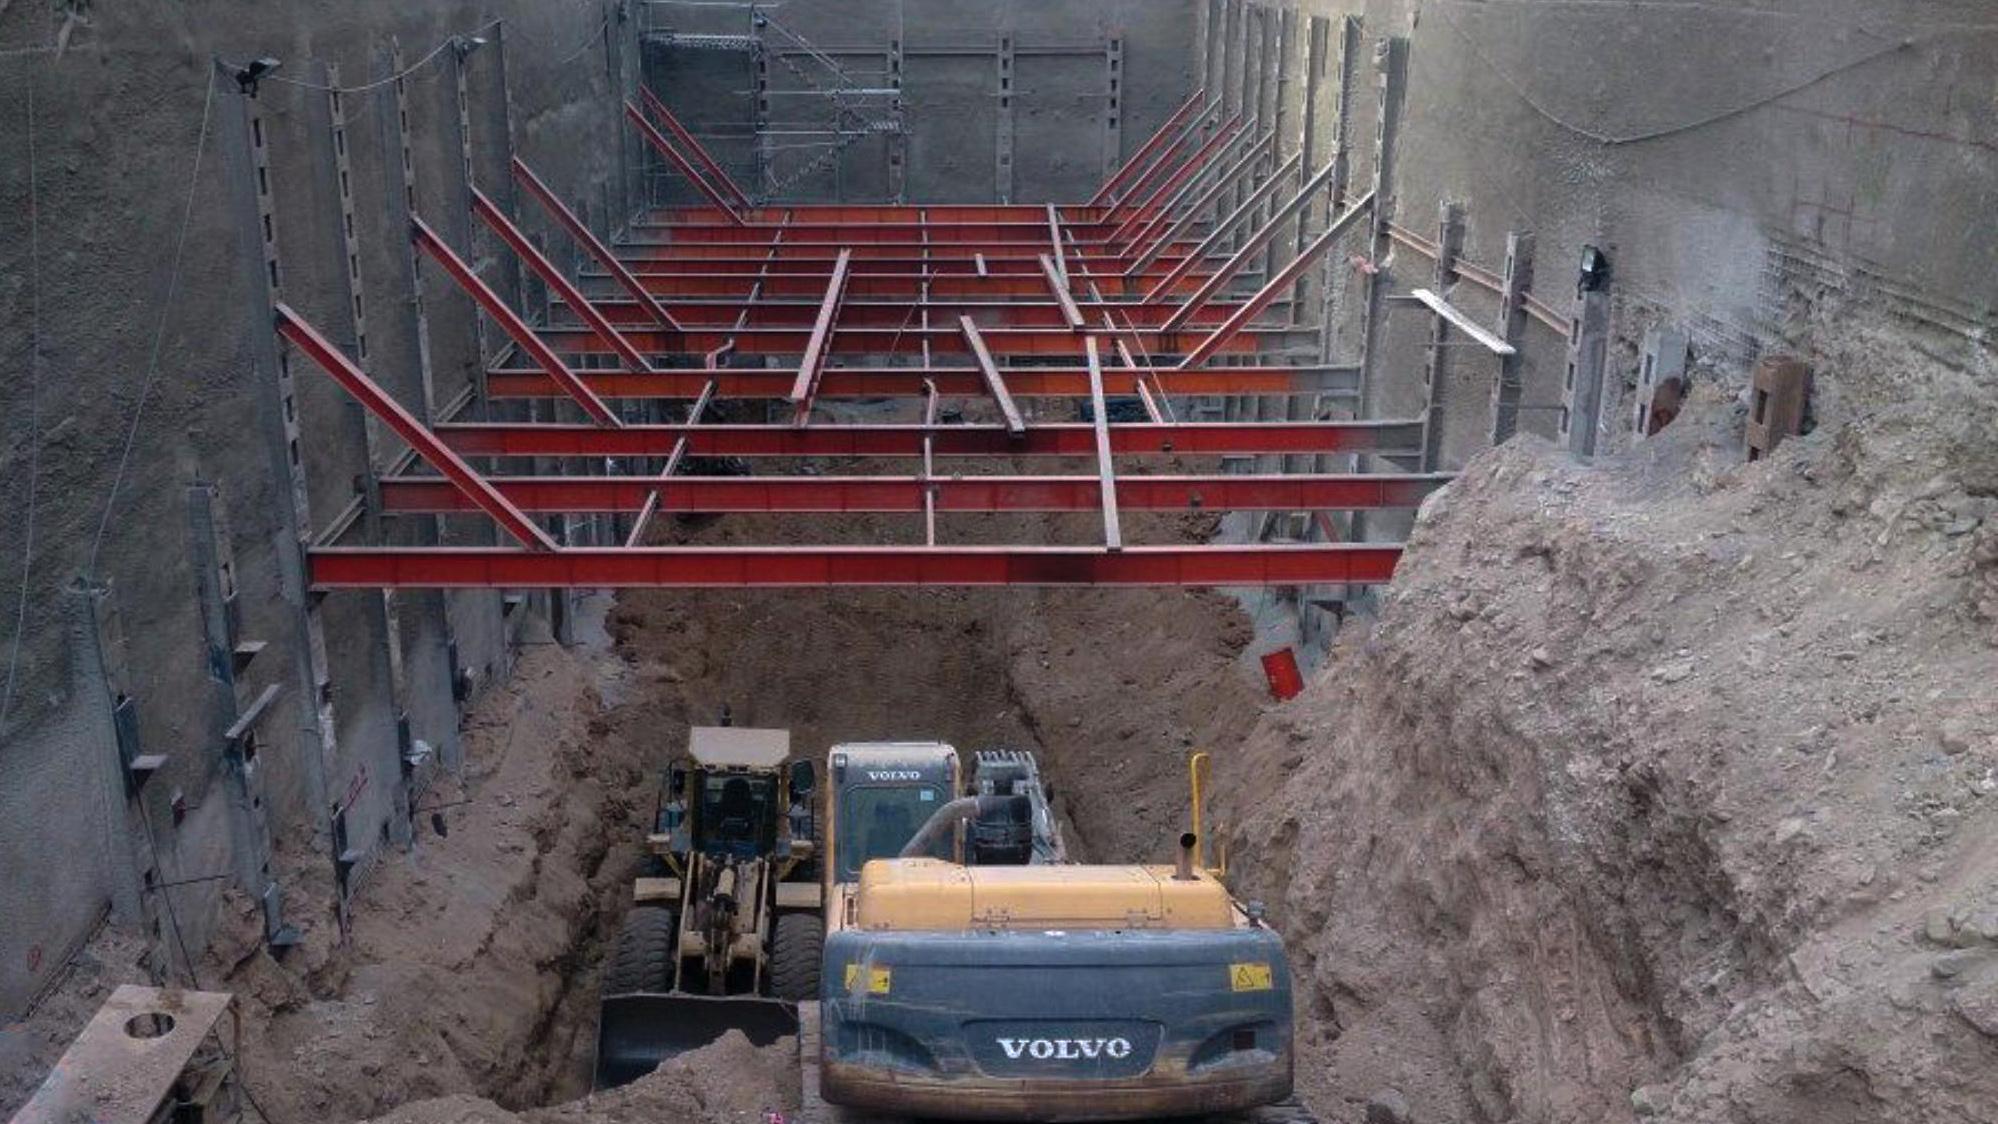 ساخت و نصب سازه فولادی - استرند - شرکت عمرانی مهندسی ایستاسازه